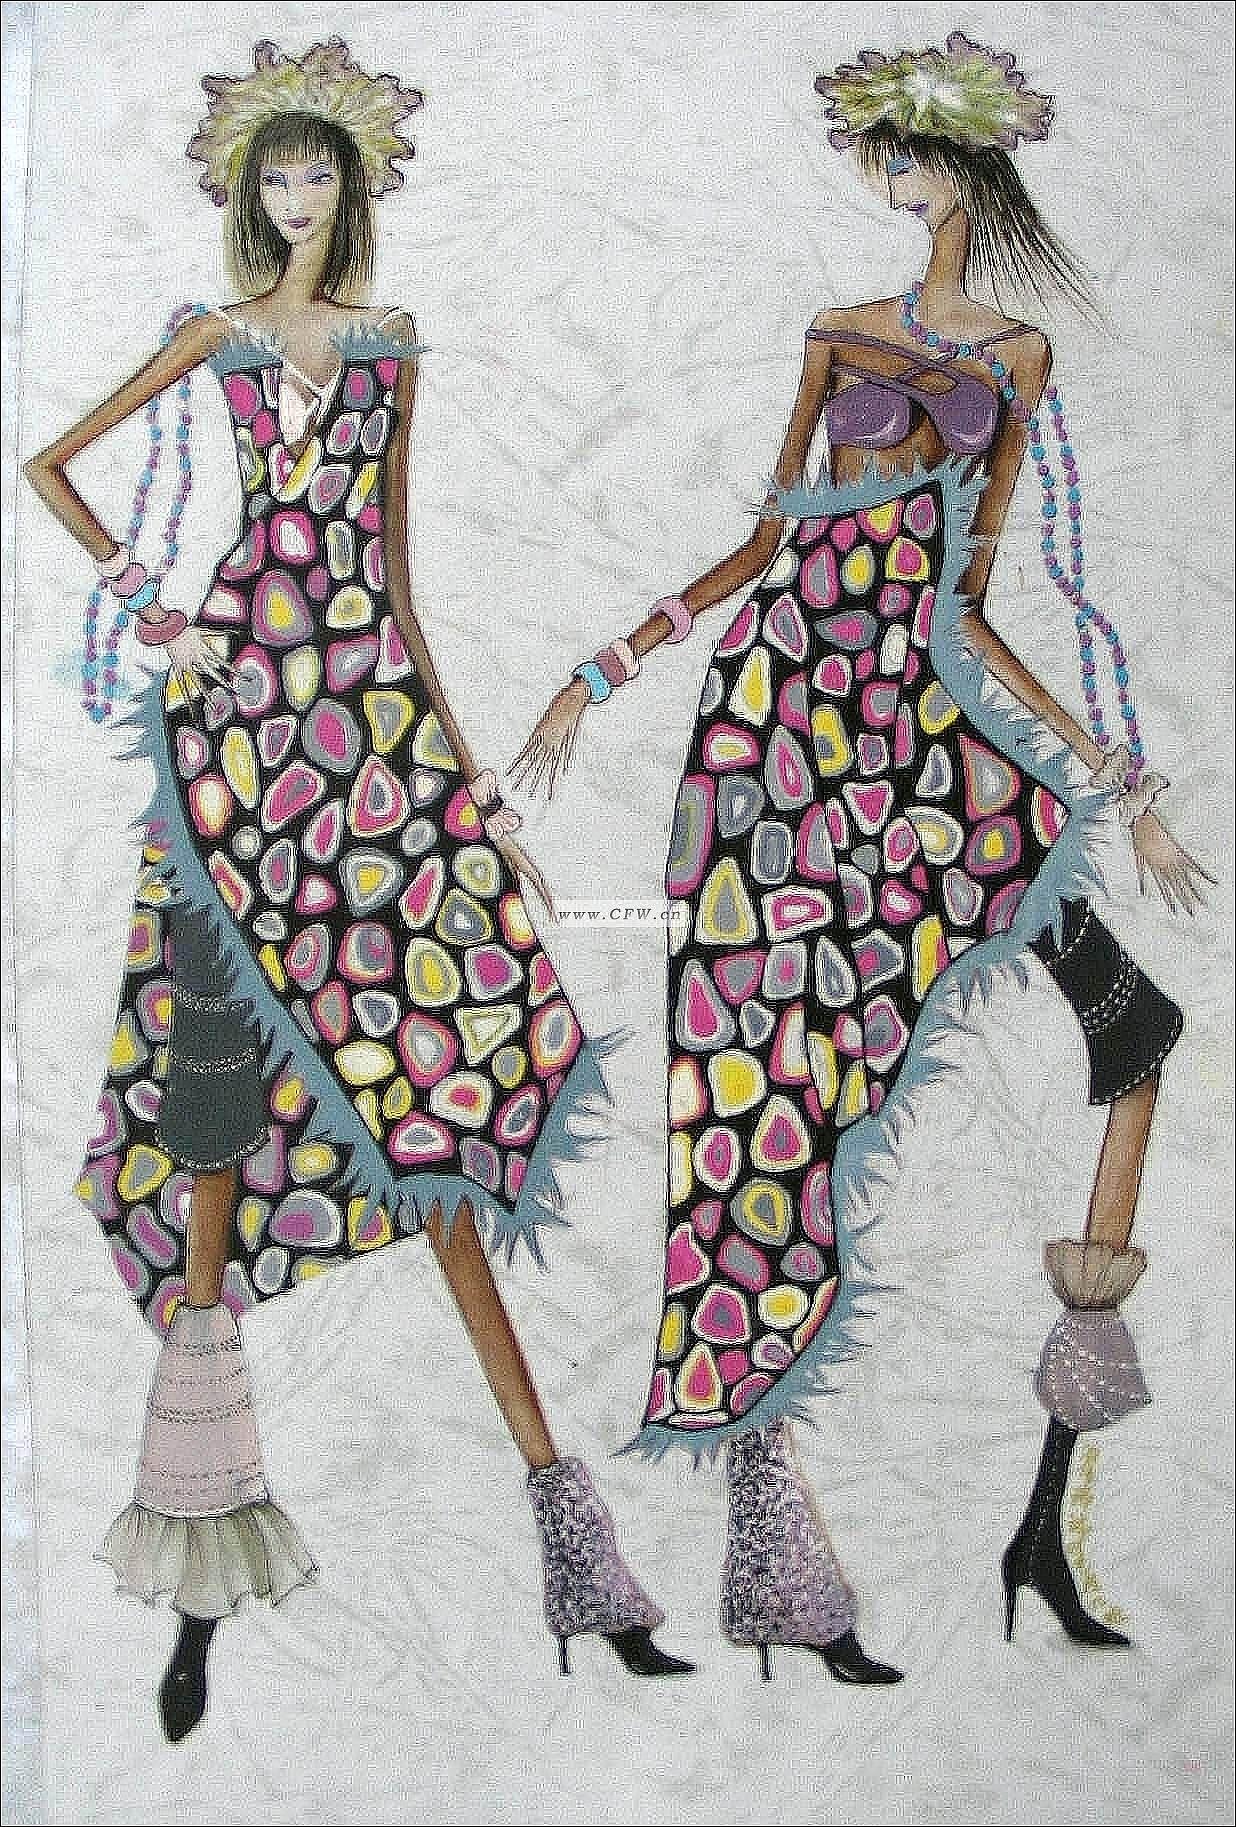 仿生花卉-图案设计设计-服装设计-服装设计网手机版